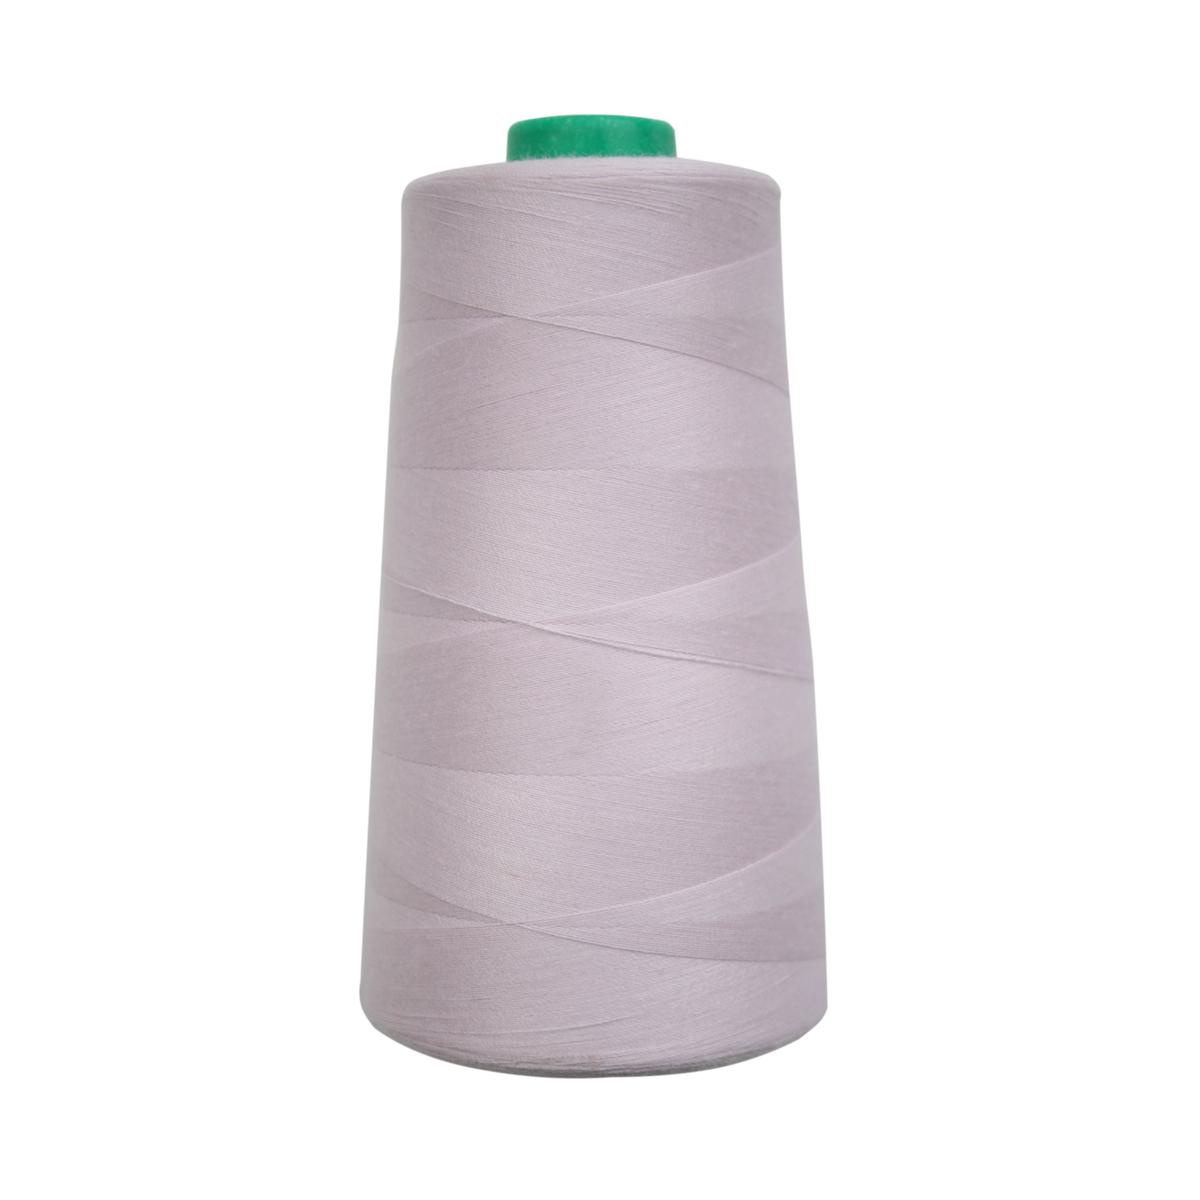 Нитки для шитья Bestex 50/2, 5000 ярд, цвет: св.пастельно-сиреневый (278)7700936-278Сфера использования: трикотаж; ткани малого веса; оверлочные швы; отделка краев; вышивка. Размер игл №70-80